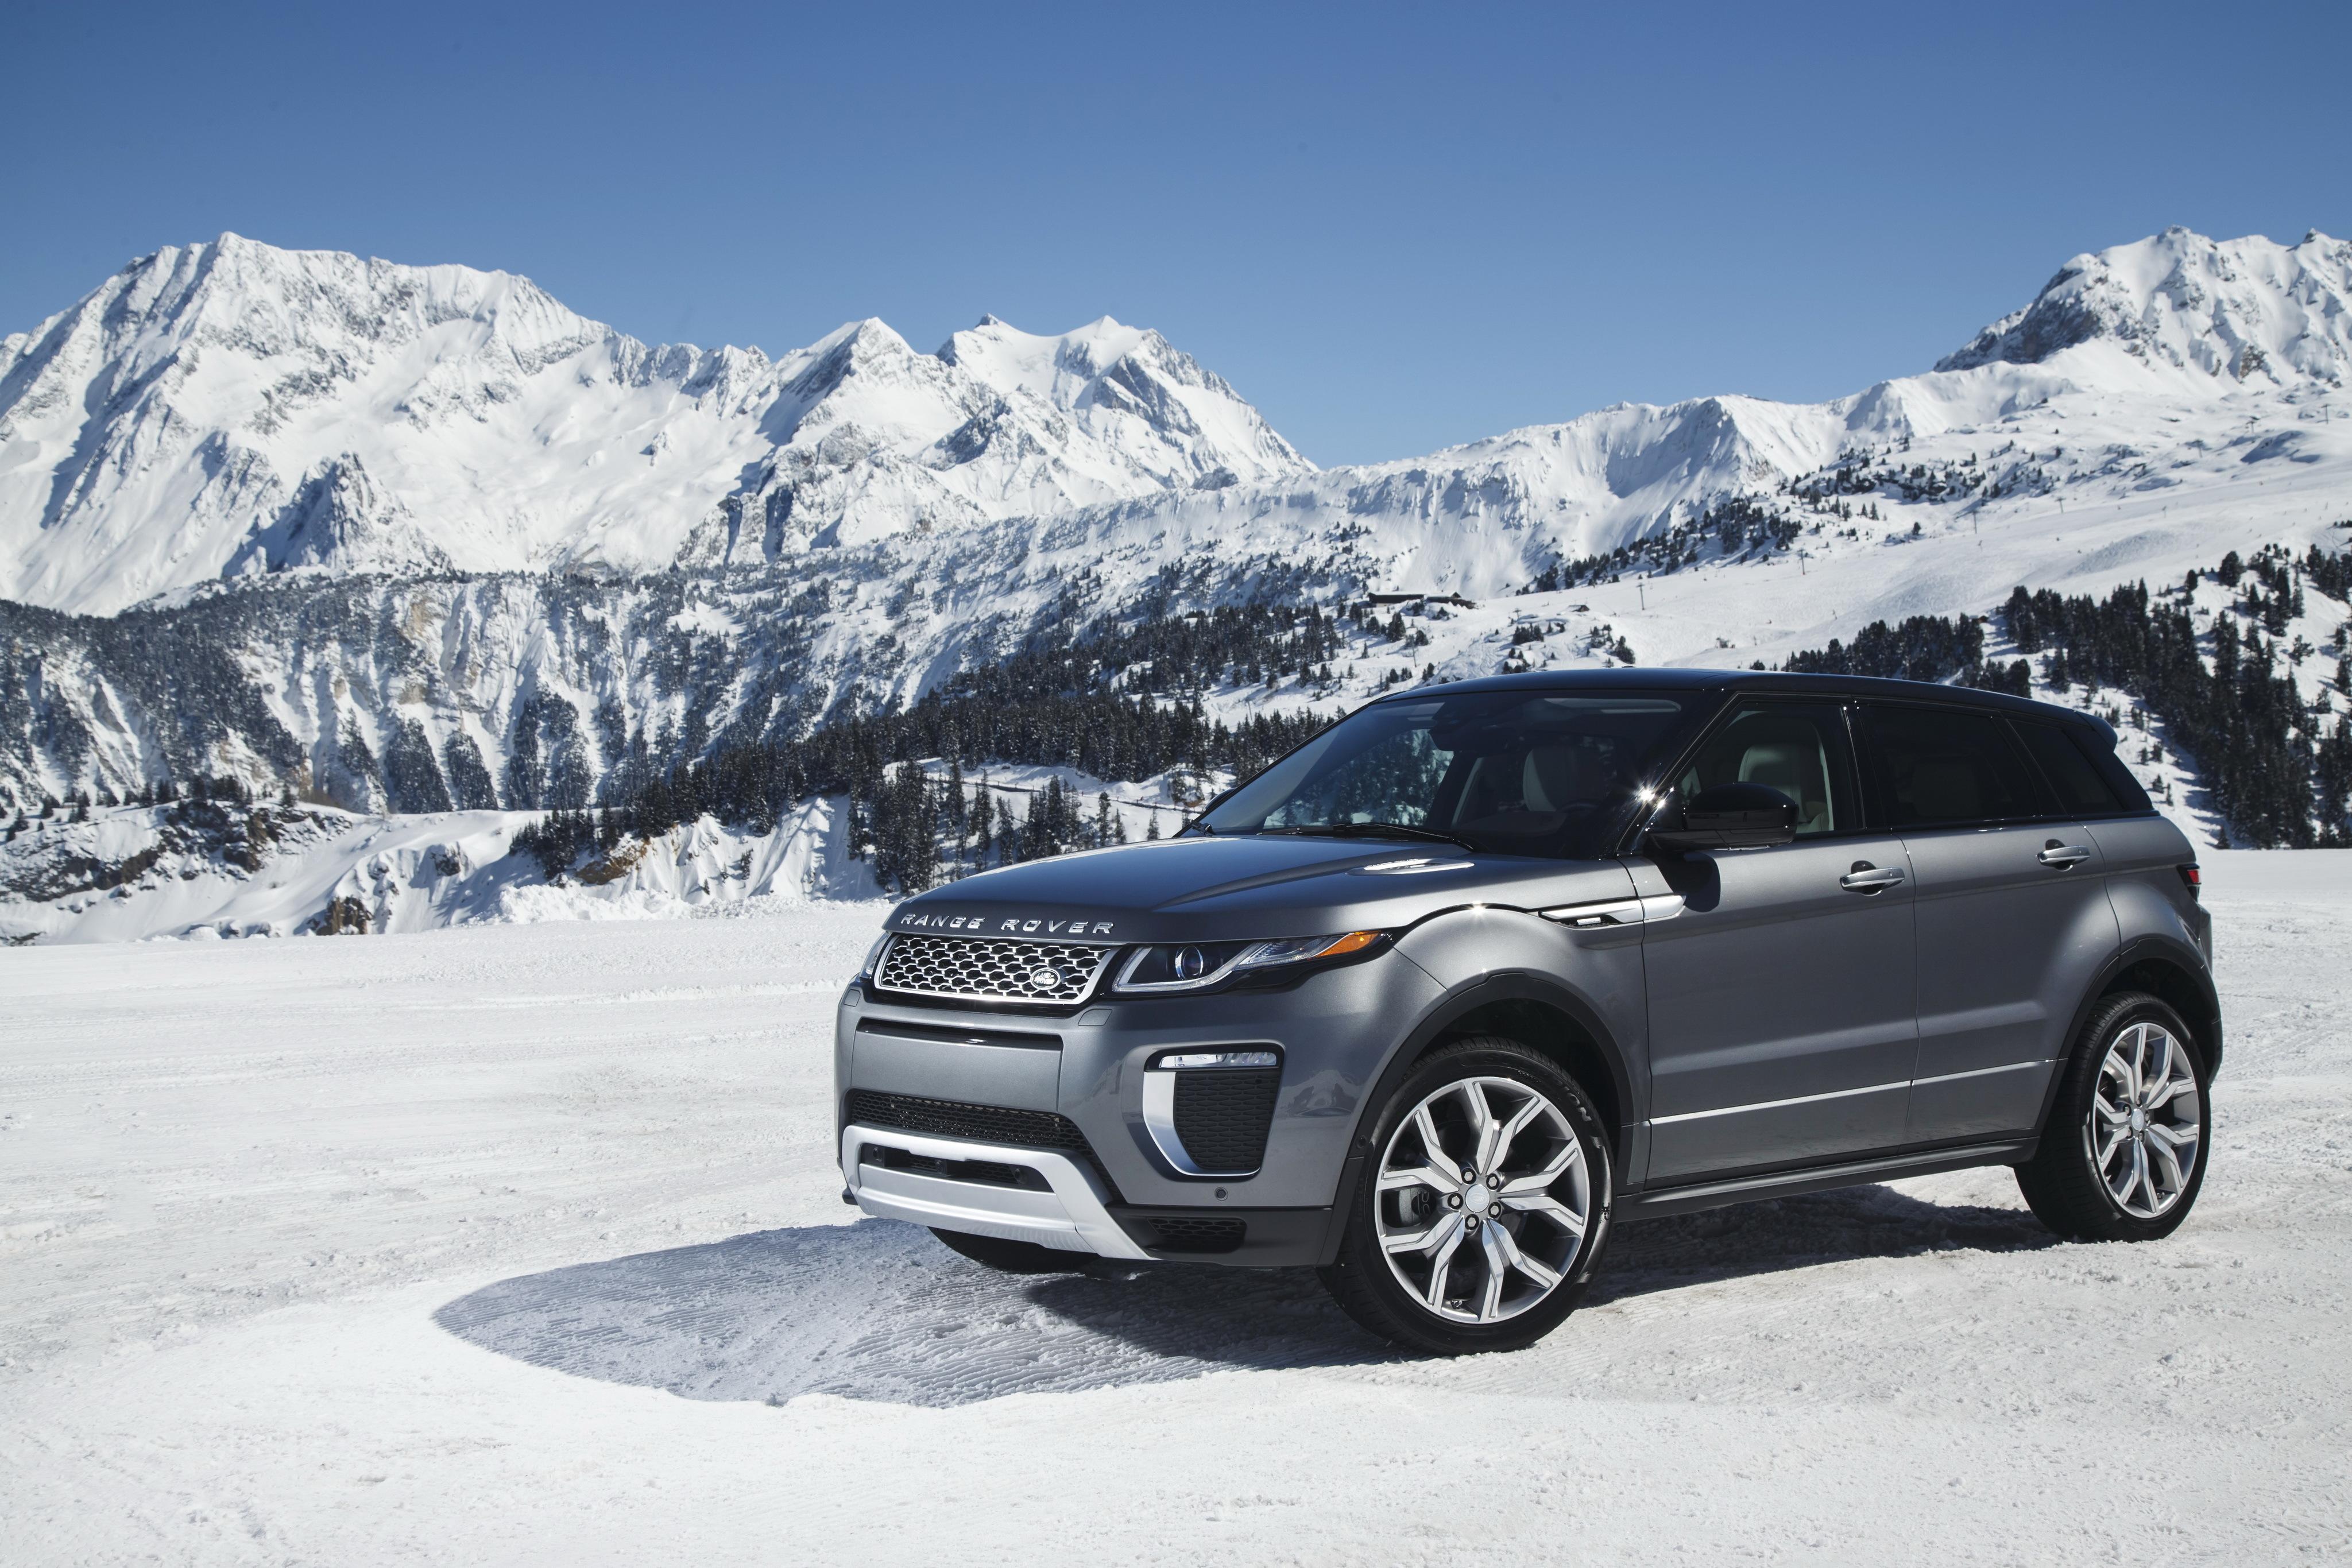 56649 скачать обои Тачки (Cars), Ленд Ровер (Land Rover), Рендж Ровер (Range Rover), Снег, Вид Сбоку - заставки и картинки бесплатно